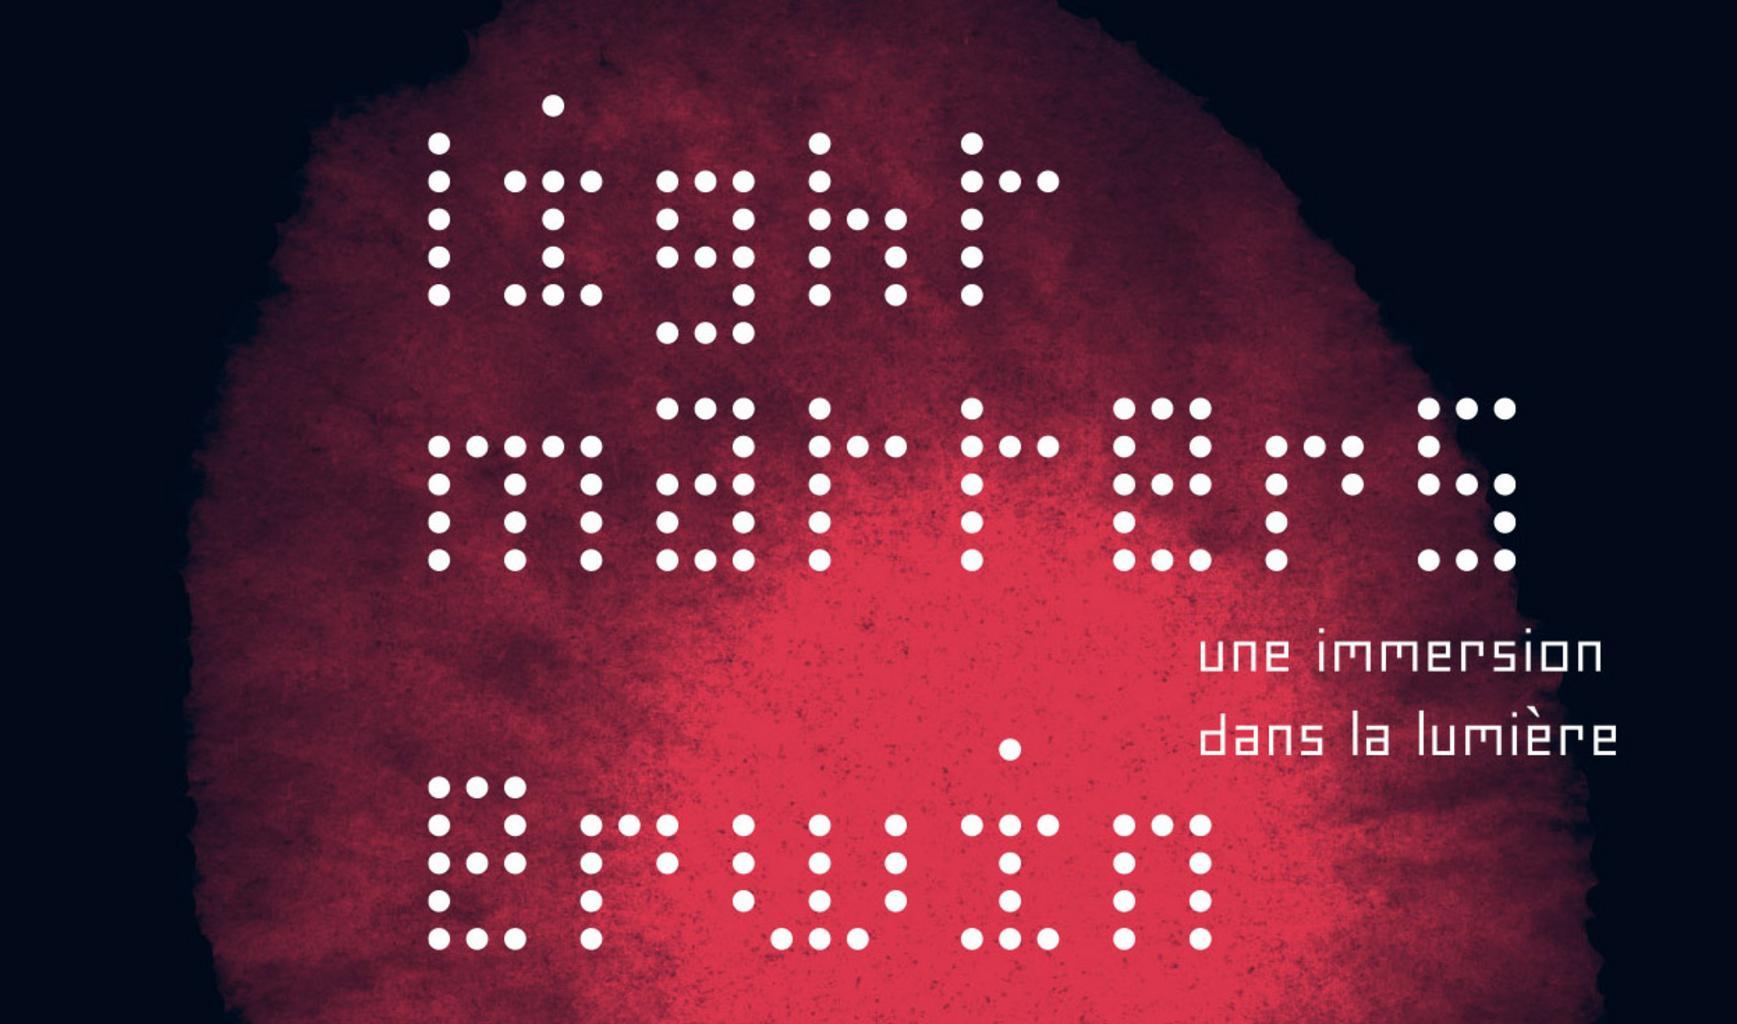 Light Matters, une expo immersive à la lumière denosémotions